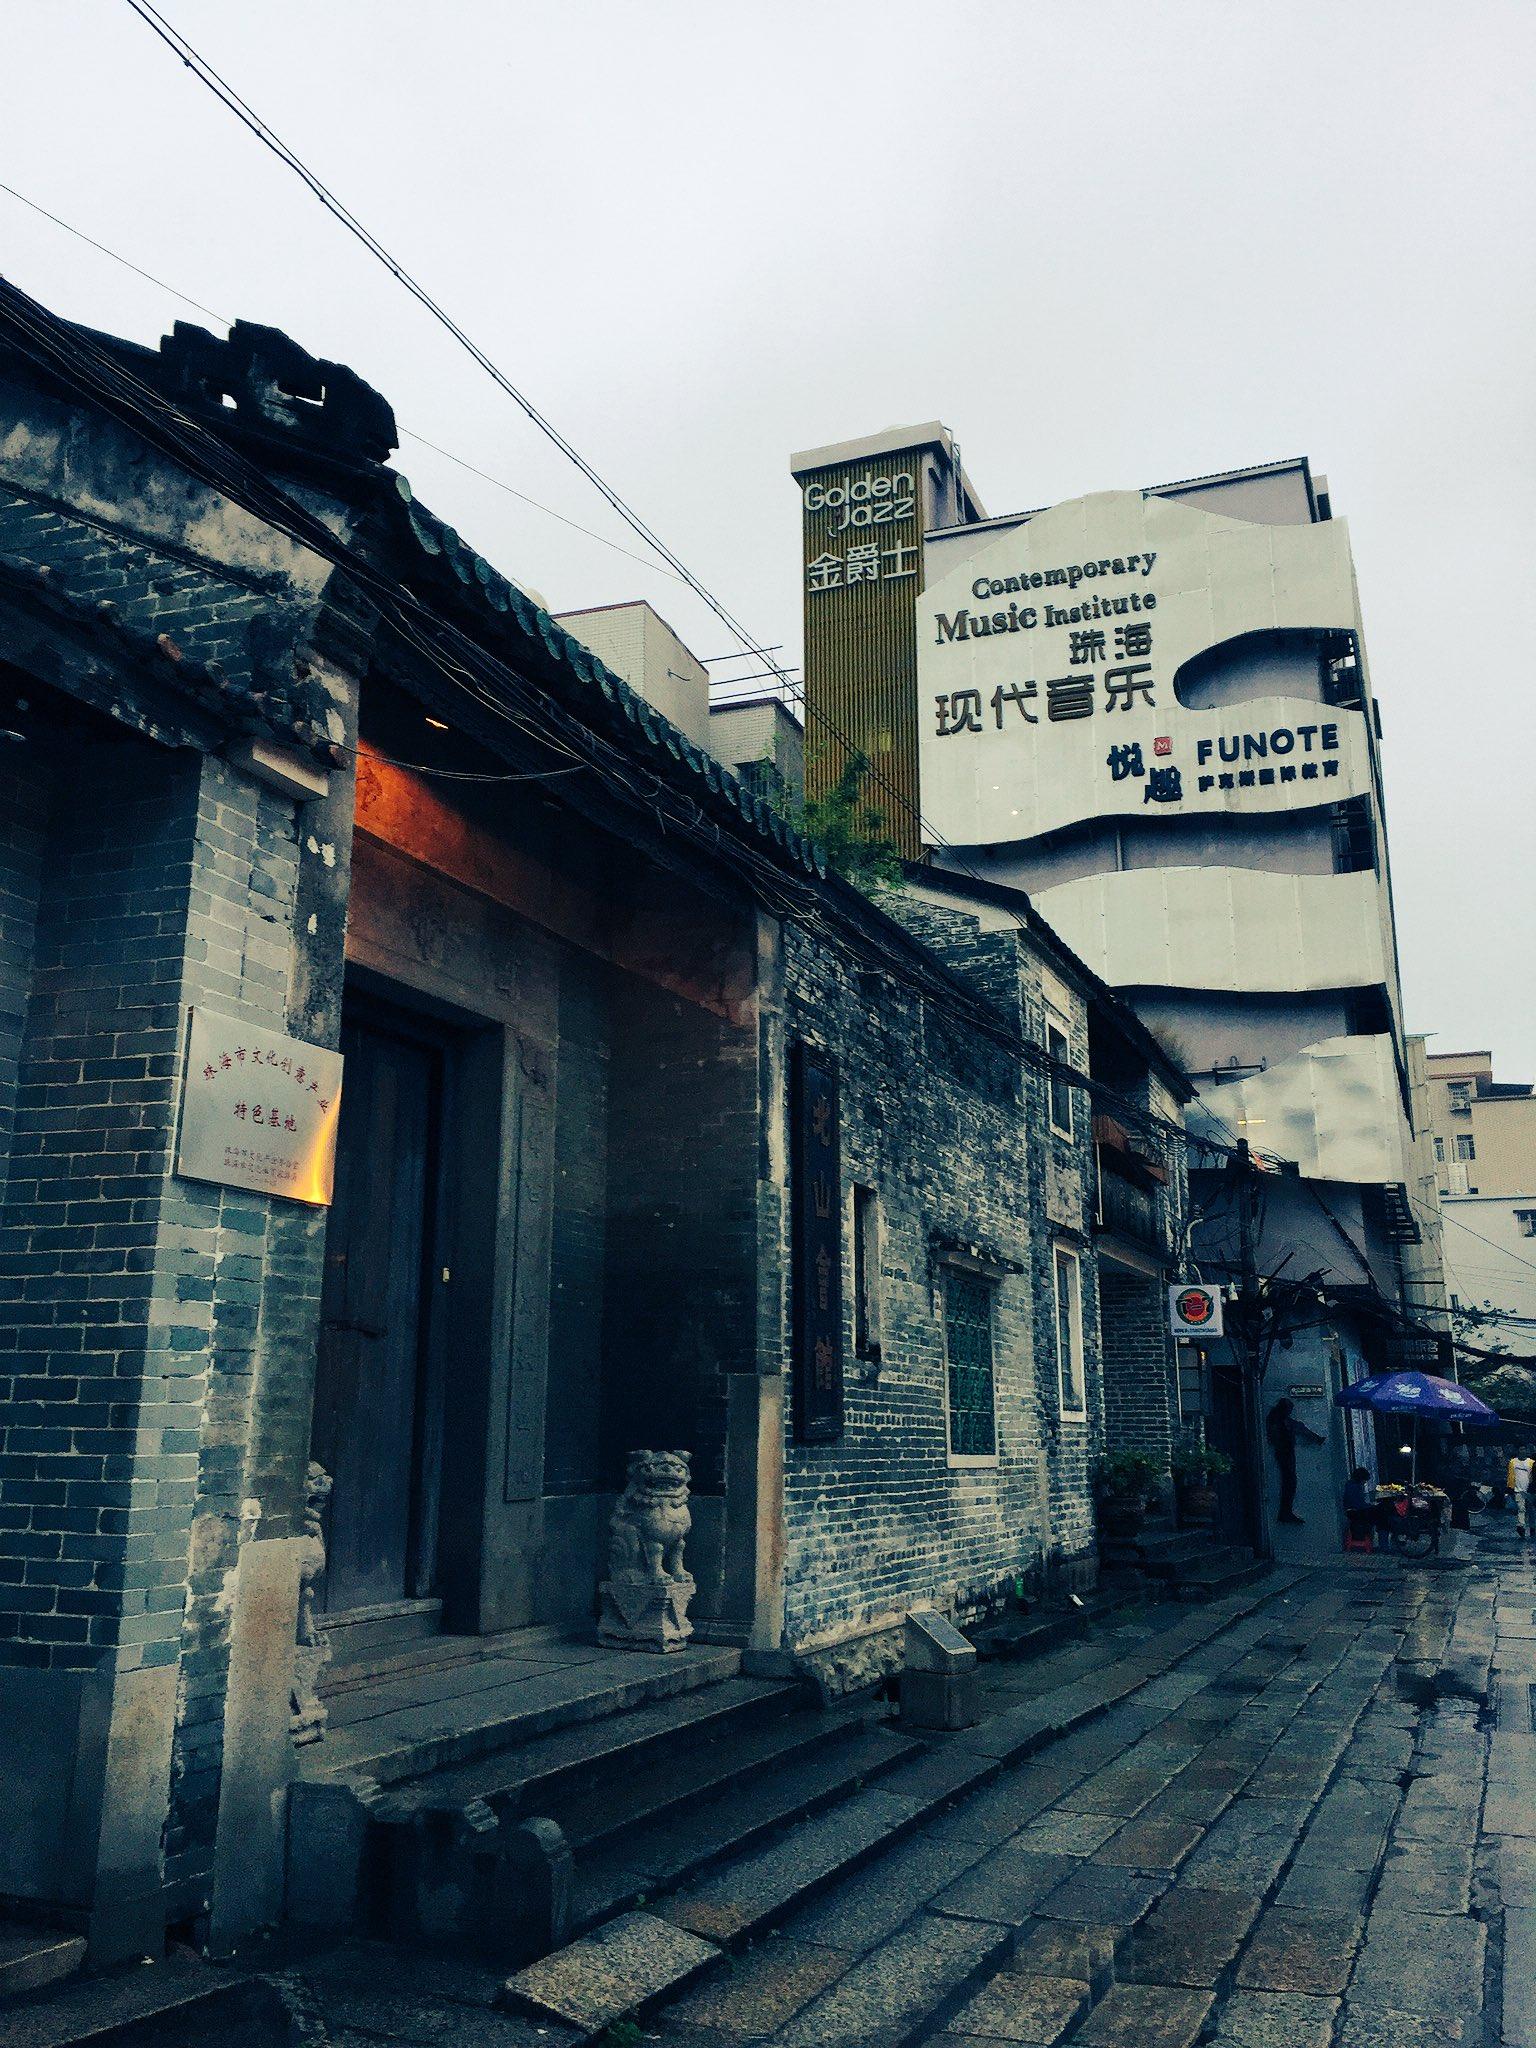 Pre-dinner wander in Beishan. https://t.co/u9RF4phJpR